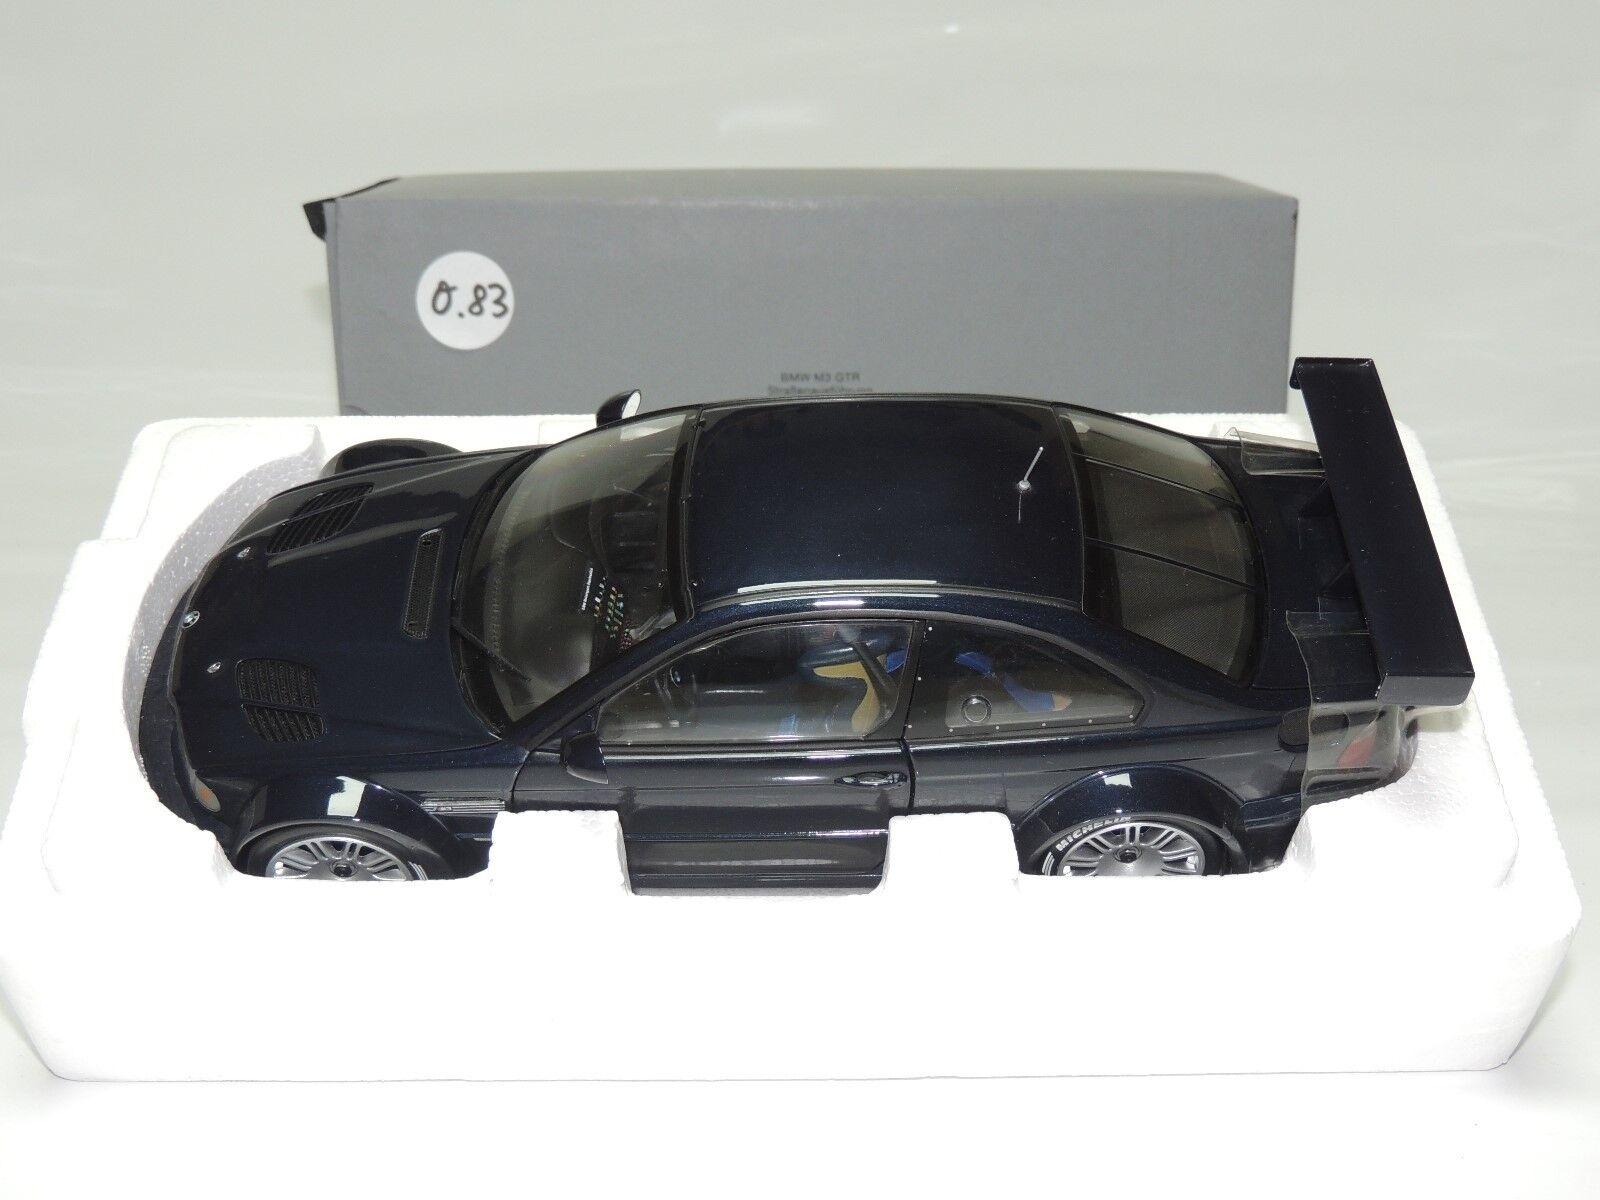 O.83 Minichamps Dealer BMW M3 GTR Straßenausfühung Limitiert 3000 St.  | Sehen Sie die Welt aus der Perspektive des Kindes